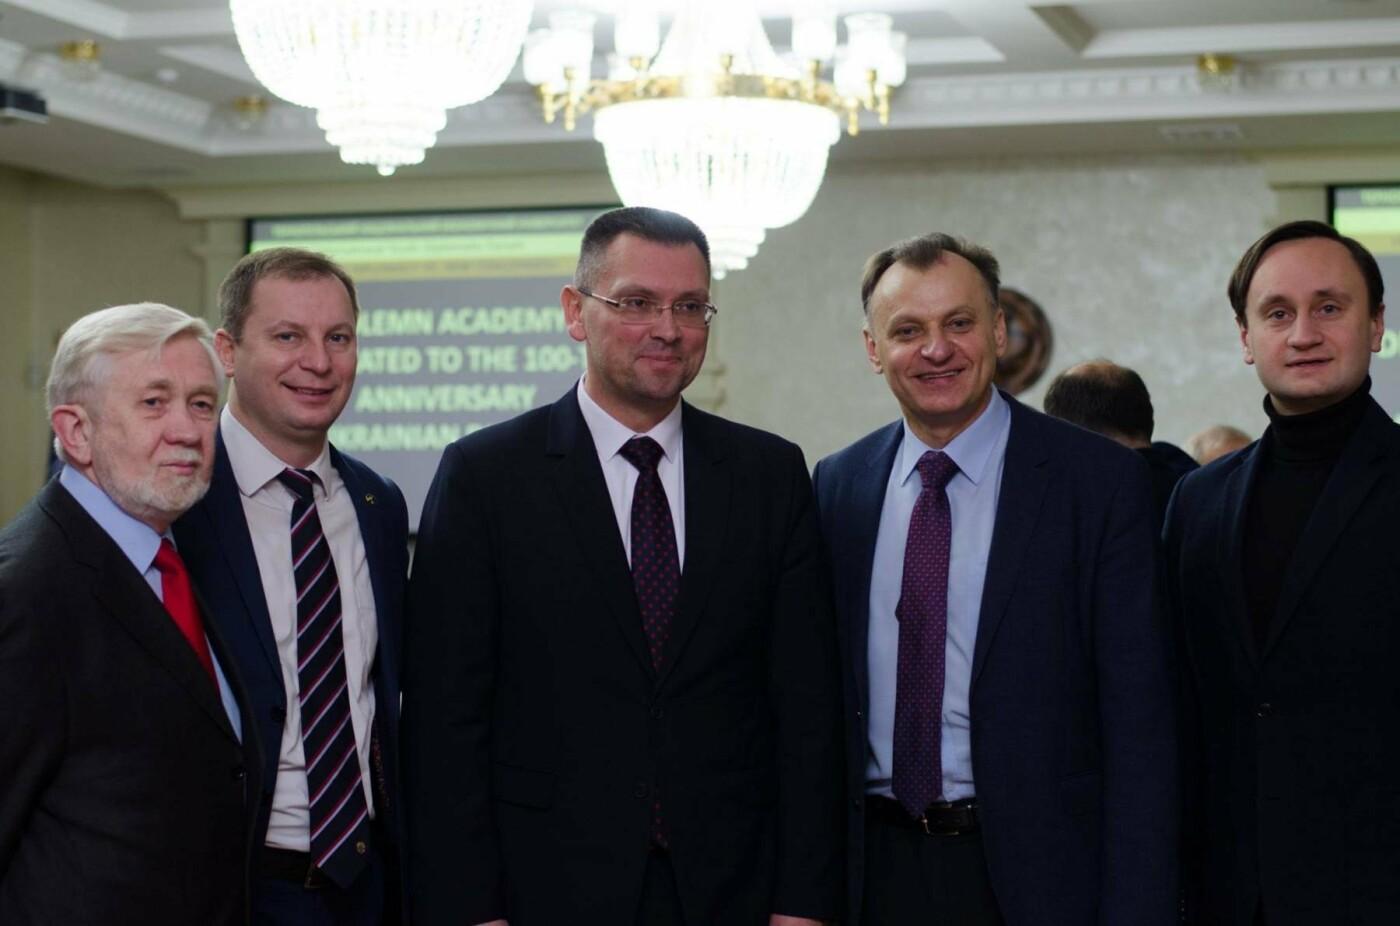 Степан Барна взяв участь у дипломатичному форумі з нагоди 100-річчя української дипломатії (фото), фото-1